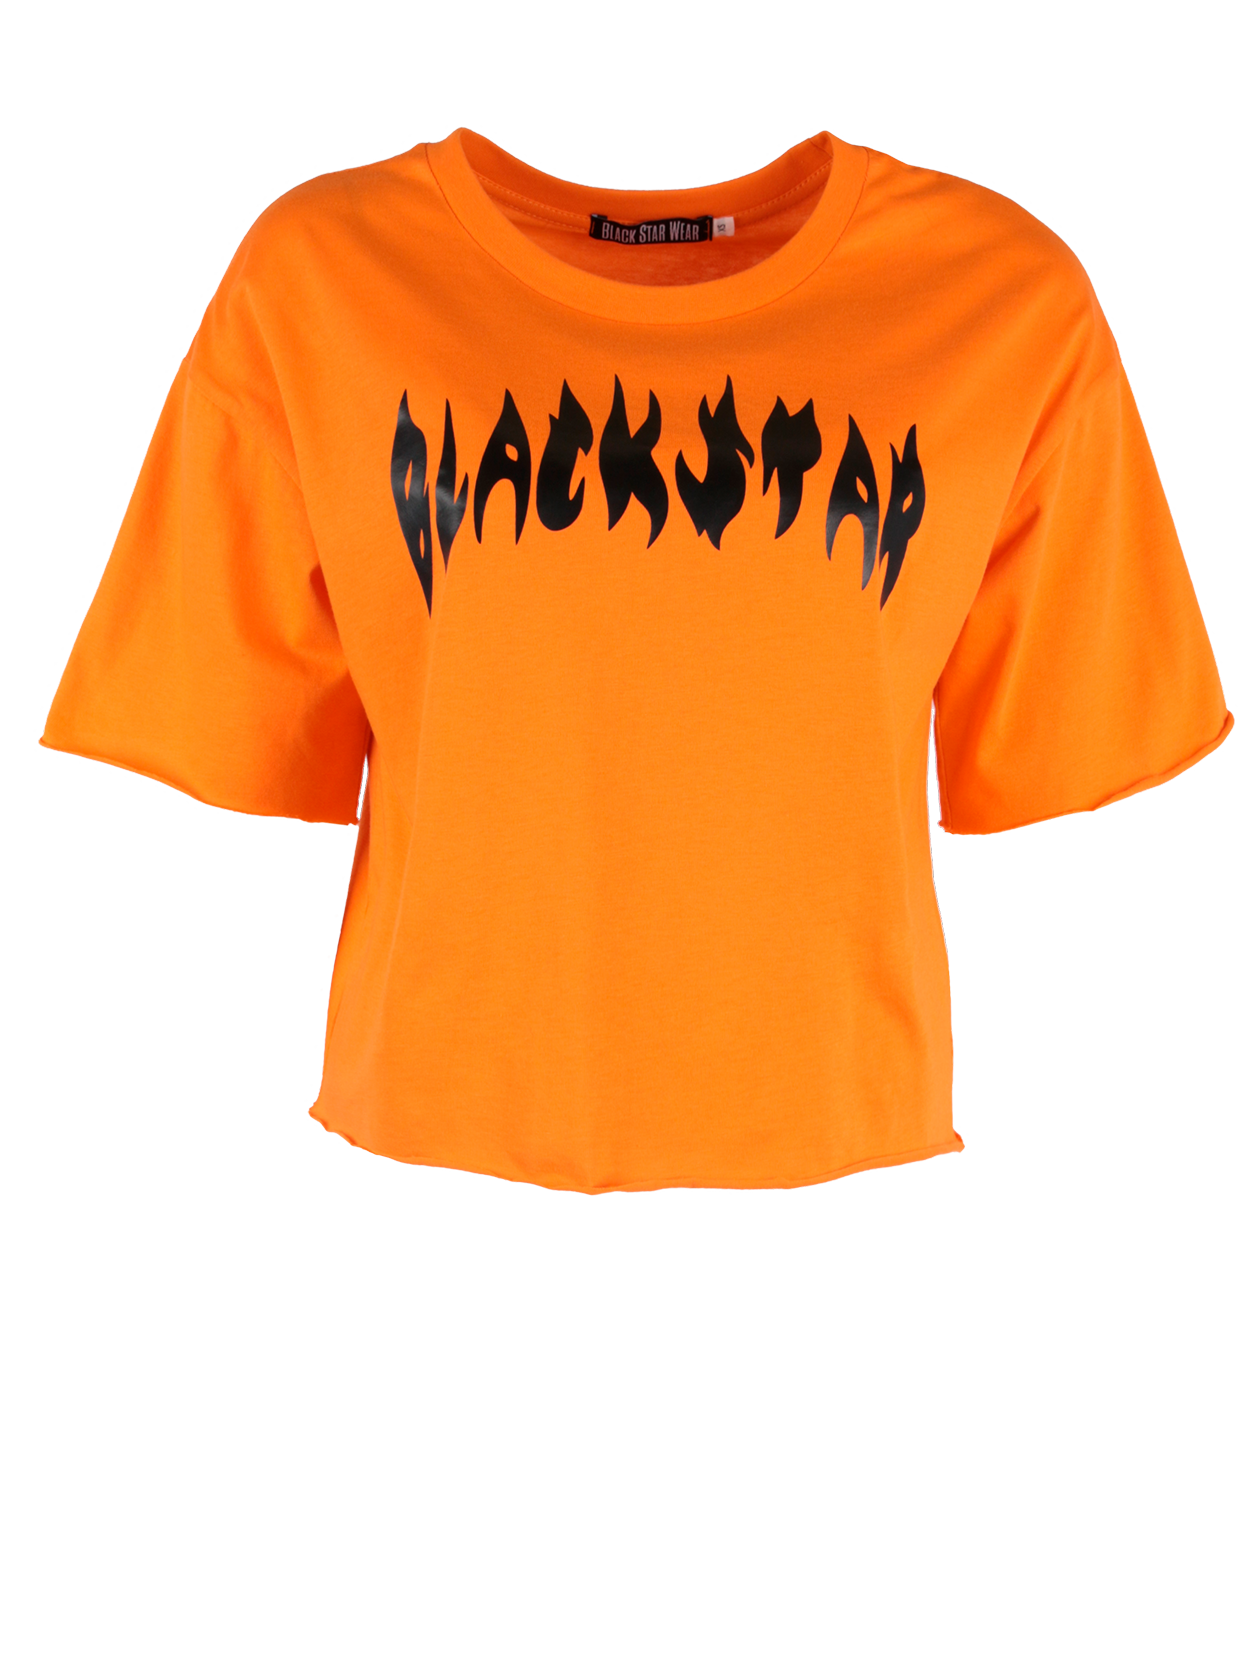 Женская футболка FIRE FLAMEЖенская футболка Fire Flame из уникальной коллекции Orange Flame вдохновит на создание яркого лука. Модель свободного кроя с укороченным силуэтом и небольшим широким рукавом. Линия плеча слегка опущена, горловина с неглубоким вырезом оформлена эластичным кантом, внутри содержится лейбл Black Star Wear. Интересным дизайнерским решением является необработанный край низа и рукавов. «Огненная» надпись Black Star на груди добавит образу смелости и энергичности. Изделие представлено в двух расцветках – традиционной черной и сочной оранжевой. Для пошива футболки был выбран премиальный 100% хлопок, приятный к телу.<br><br>Размер: M<br>Цвет: Оранжевый<br>Пол: Женский